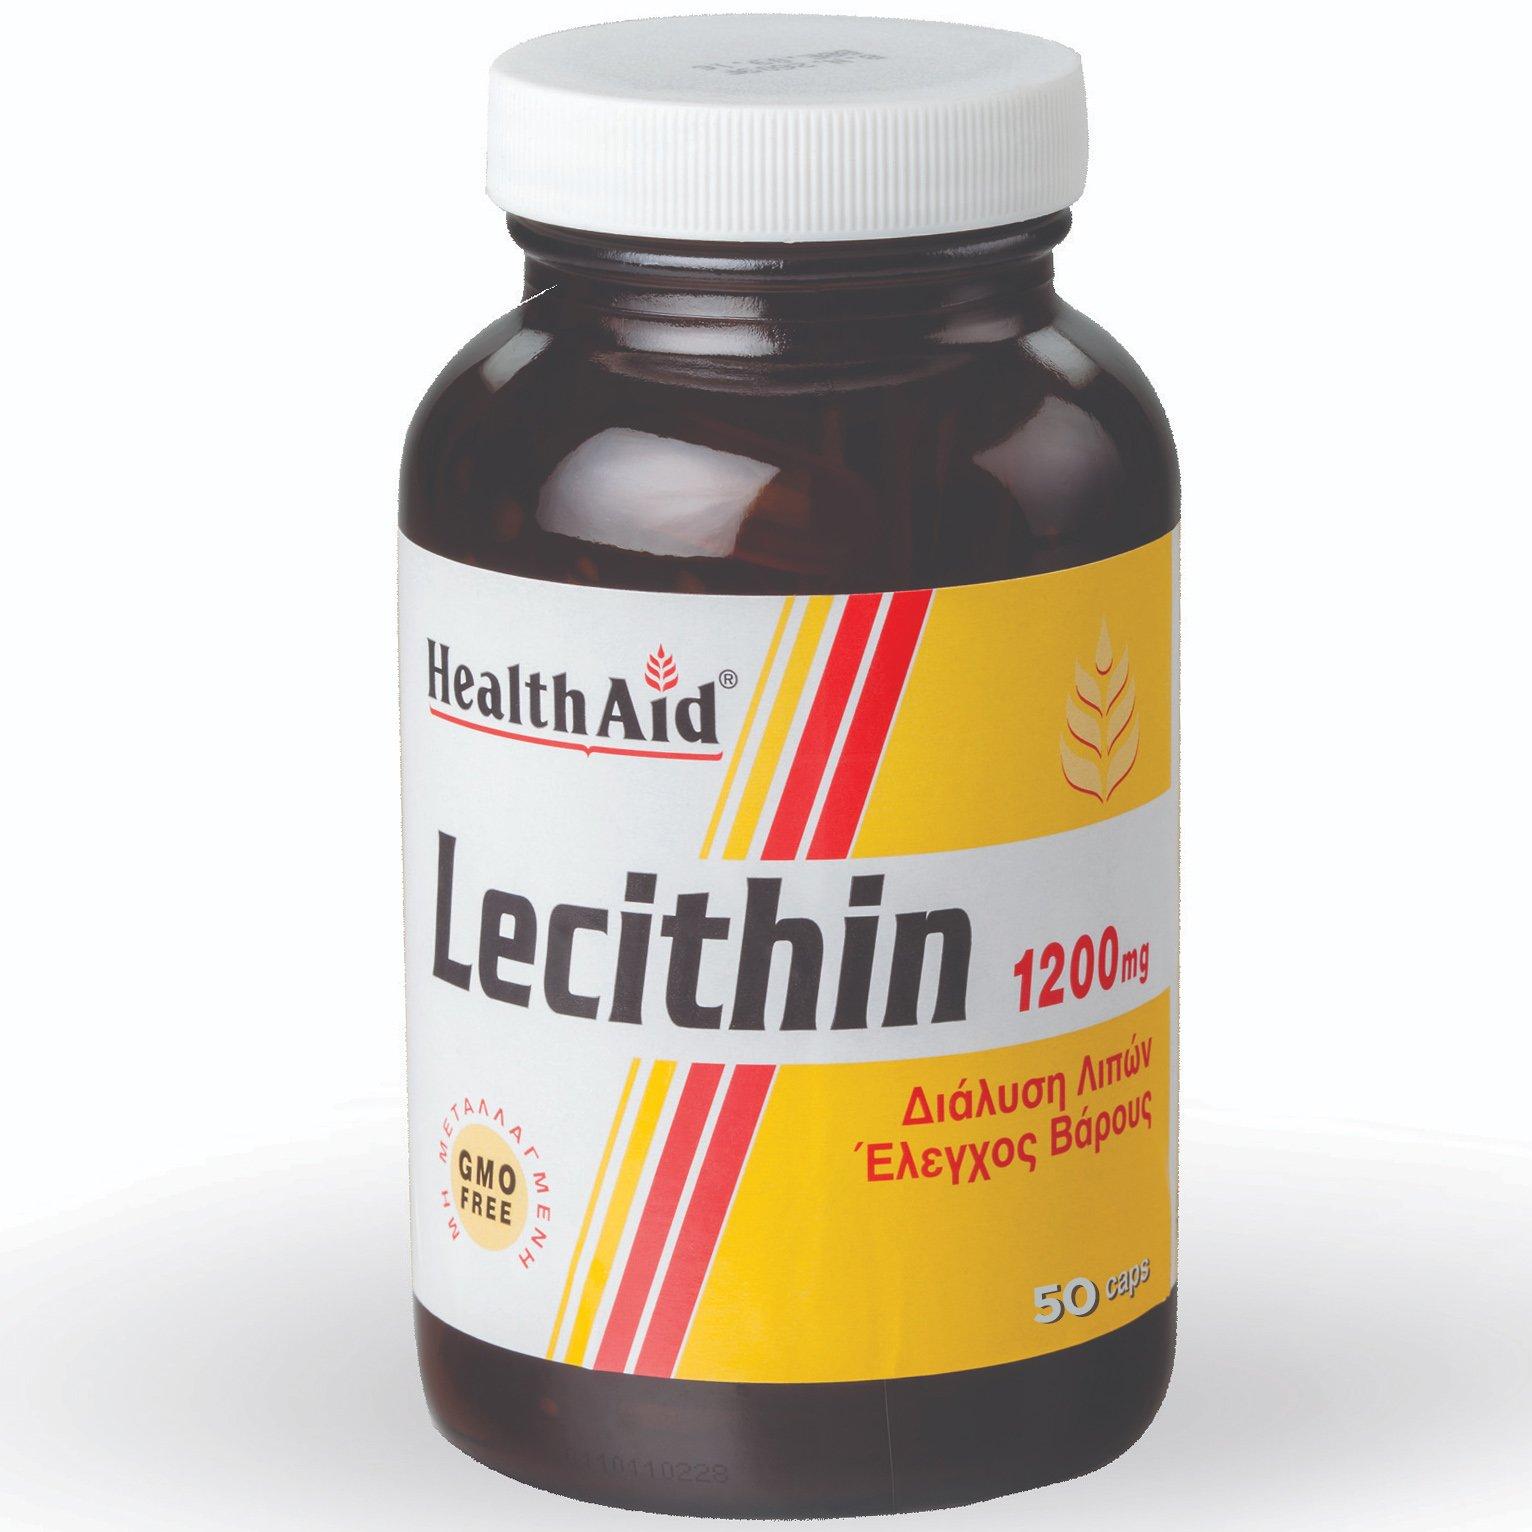 Health Aid Super Lecithin Συμπλήρωμα Διατροφής Φυσικής Λιποδιάλυσης 1200mg - 50  καλοκαίρι   διατροφή και αδυνάτισμα   λιποτροπικά συμπληρώματα διατροφής